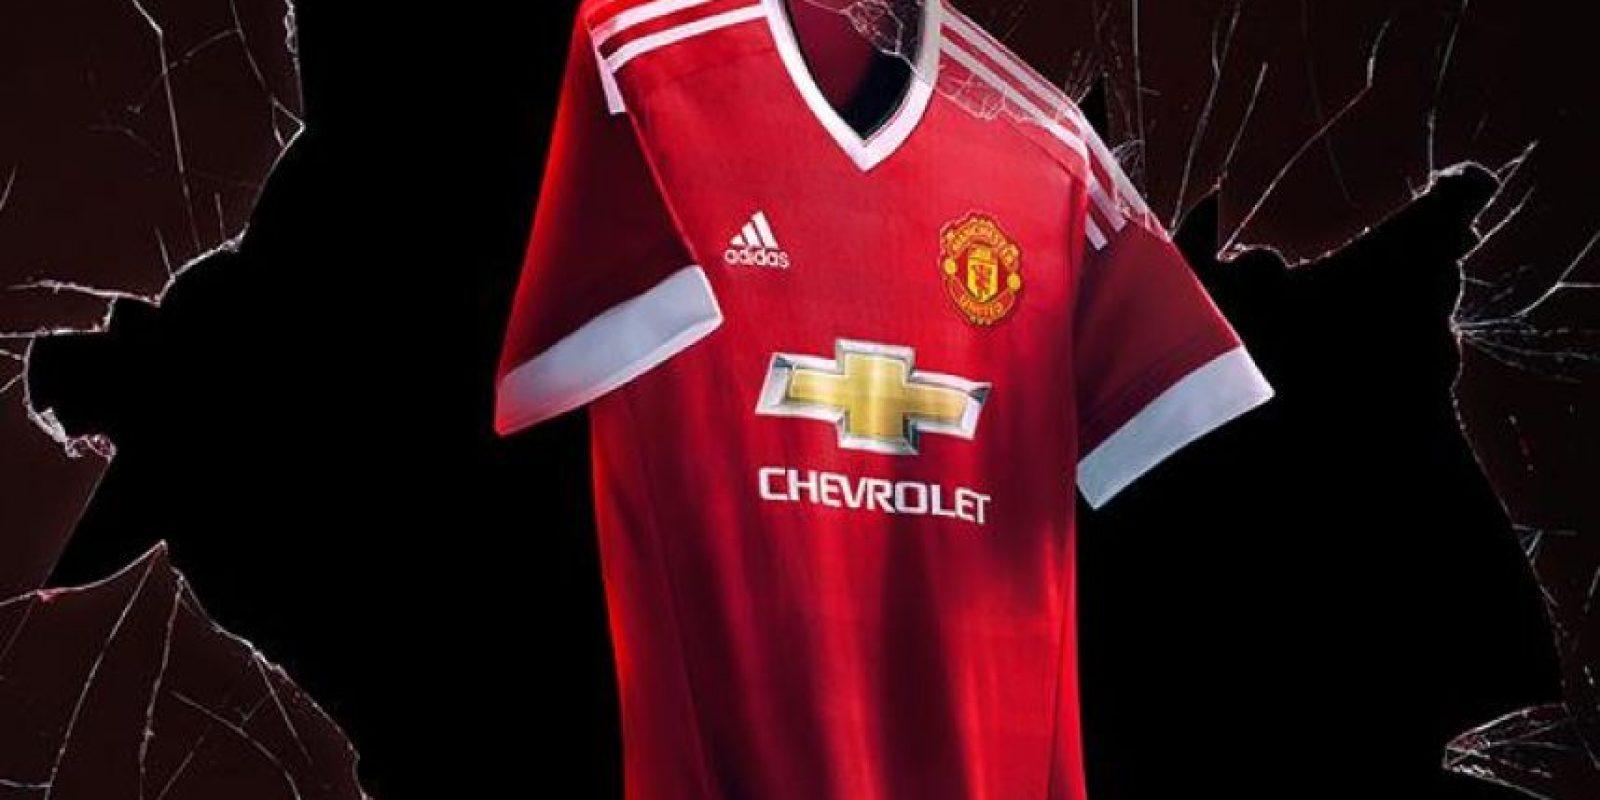 Manchester United presentó su nuevo uniforme para la campaña 2015/2016. Foto:Vía facebook.com/manchesterunited